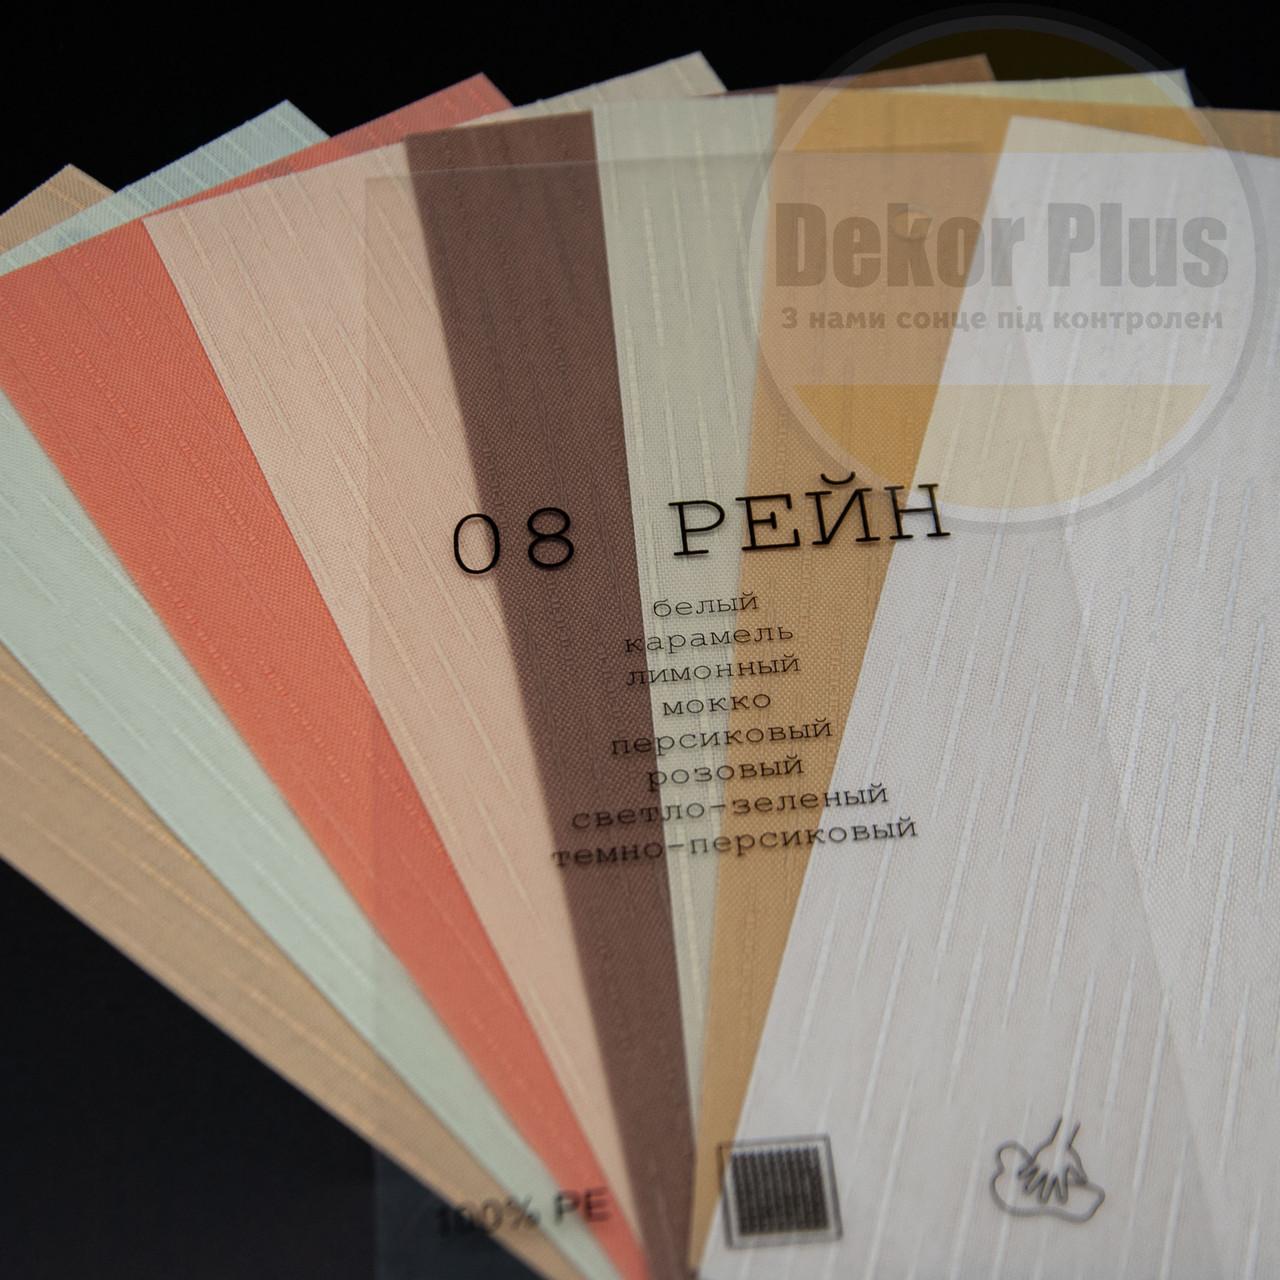 Вертикальні жалюзі 08 Рейн 89мм (8 варіантів кольору)